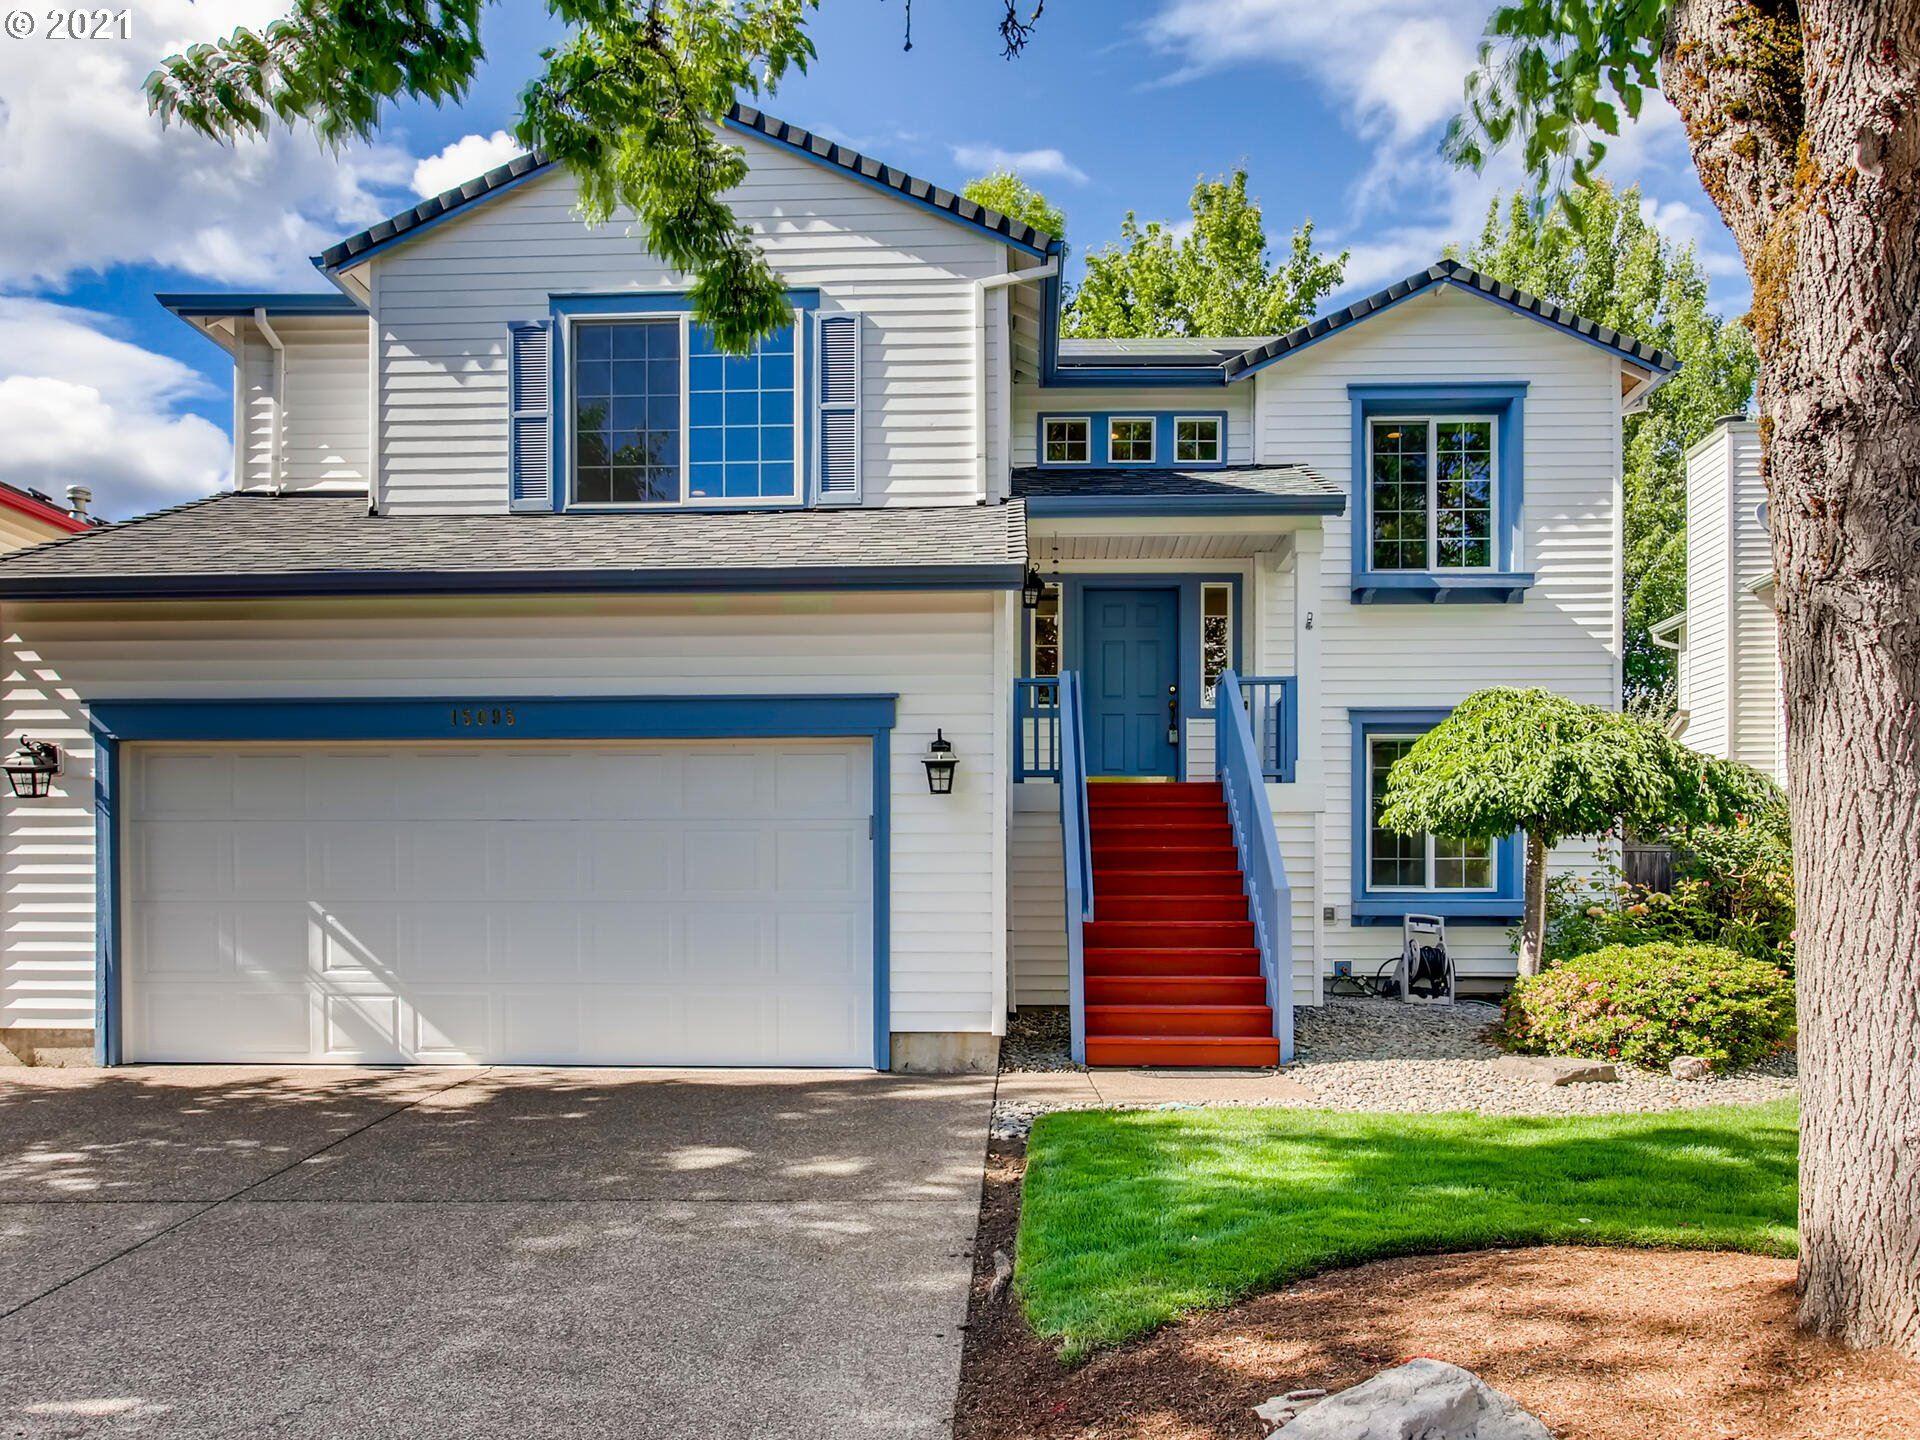 15095 NW BLAKELY LN, Portland, OR 97229 - MLS#: 21427400